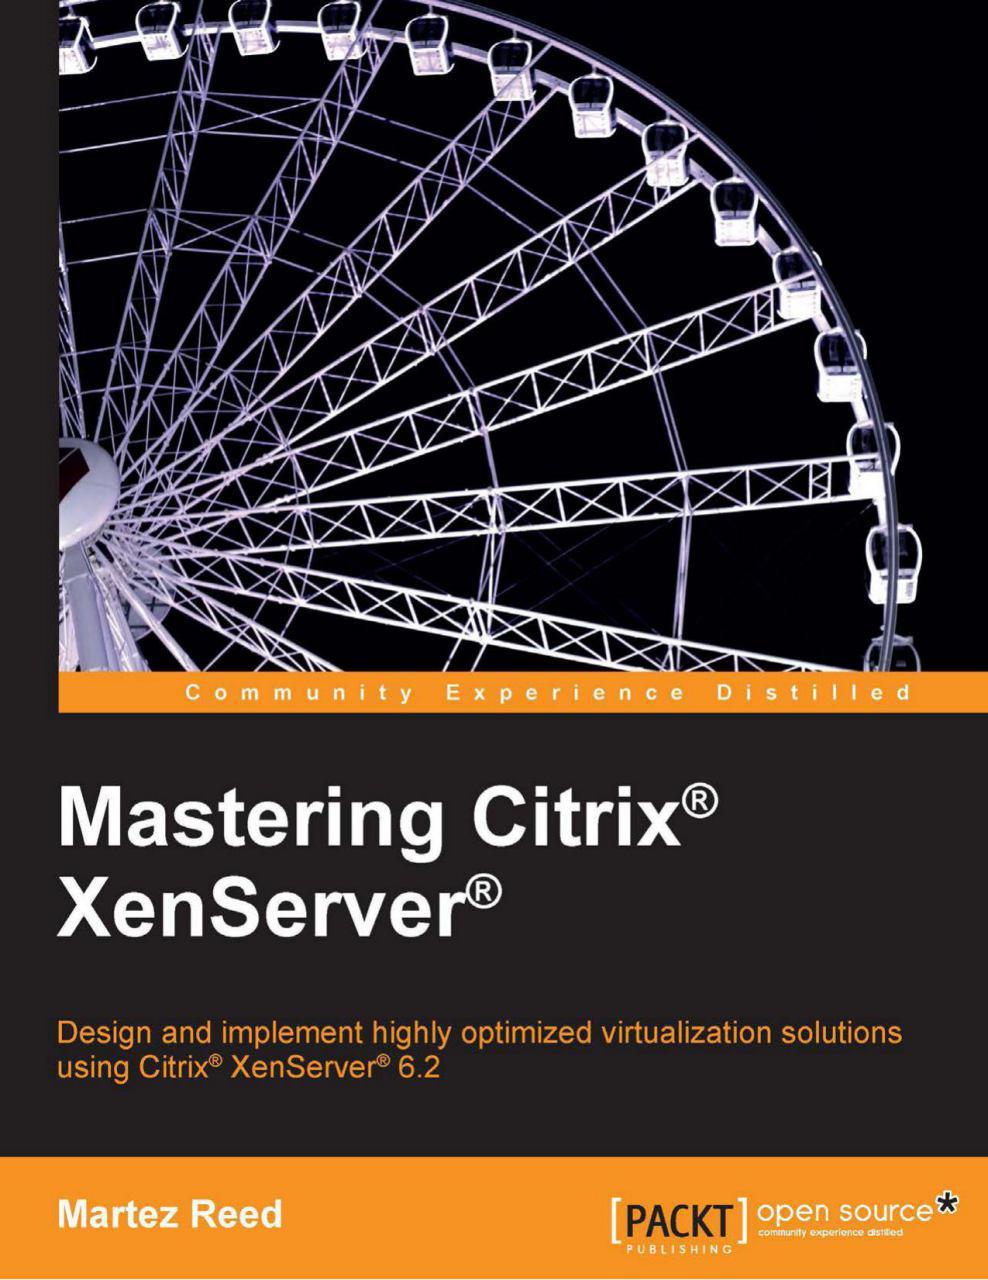 دانلود کتاب Mastering Citrix® XenServer – Reed, Martez